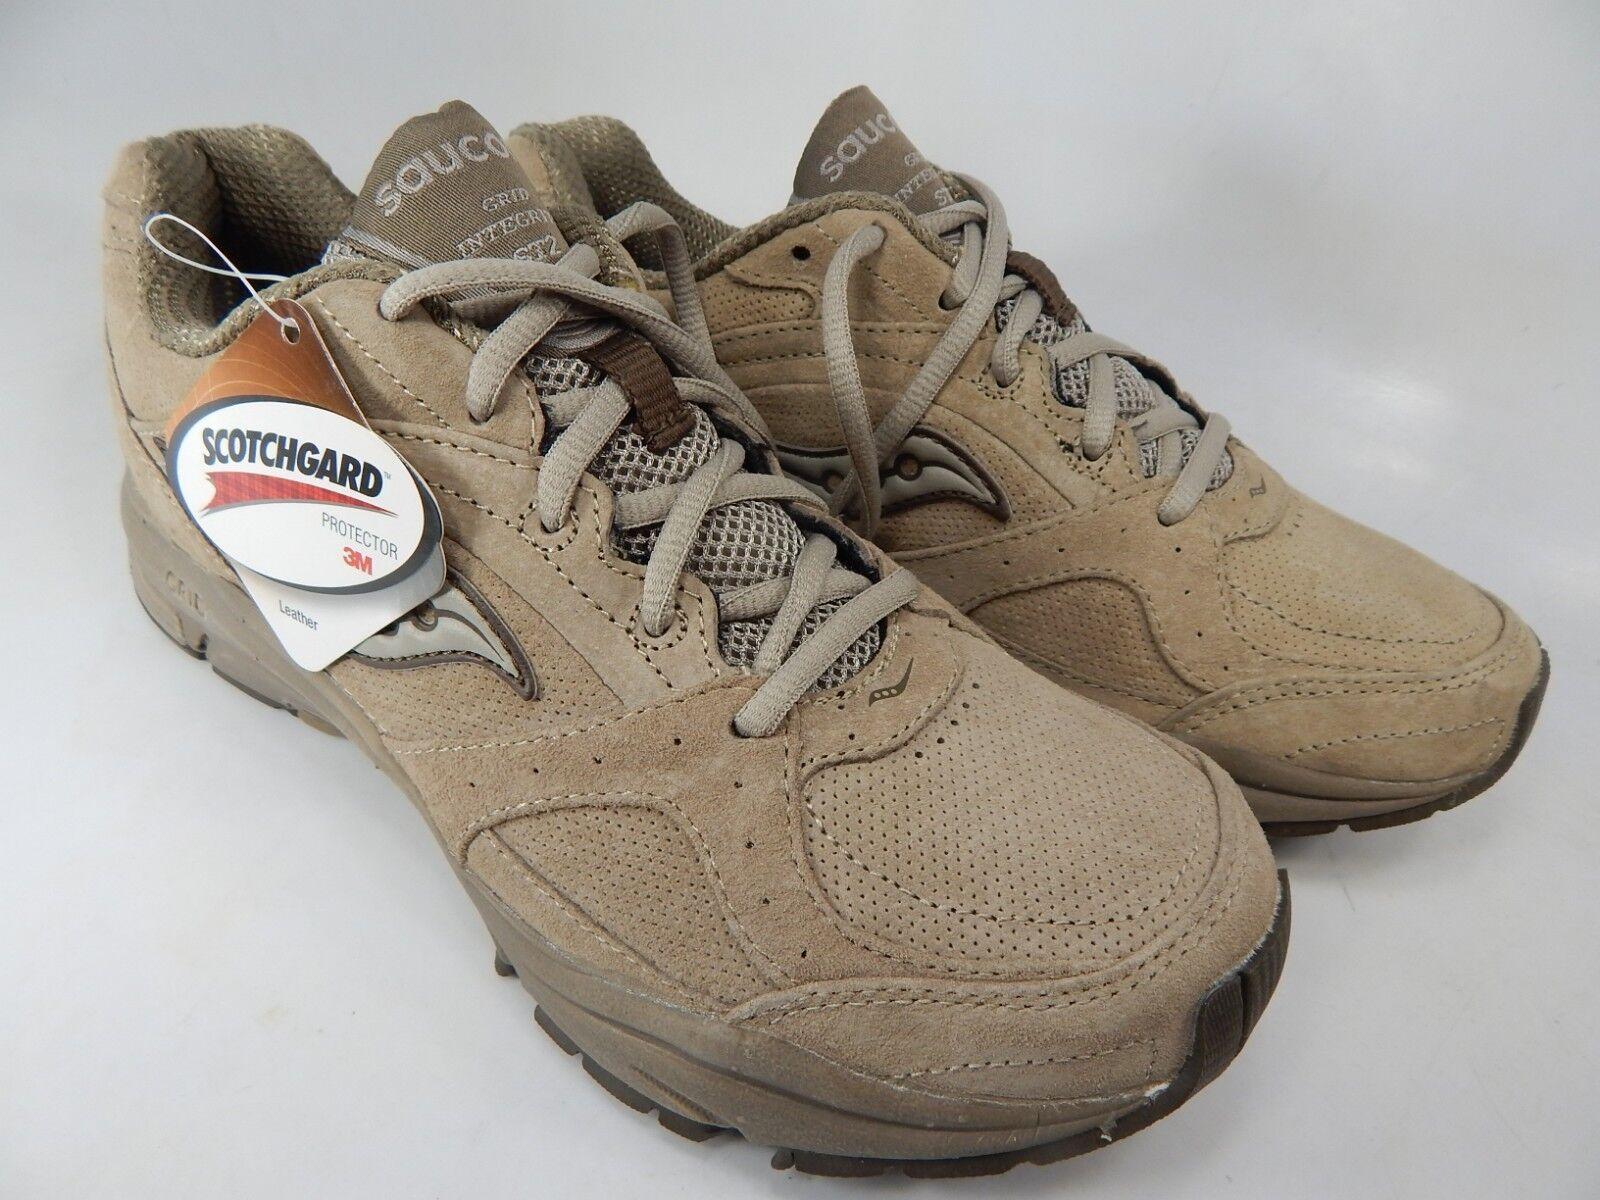 Saucony Saucony Saucony Integrity ST2 Size US 8 M (B) EU 39 Women's Running shoes Beige 10109-3 43c9e9